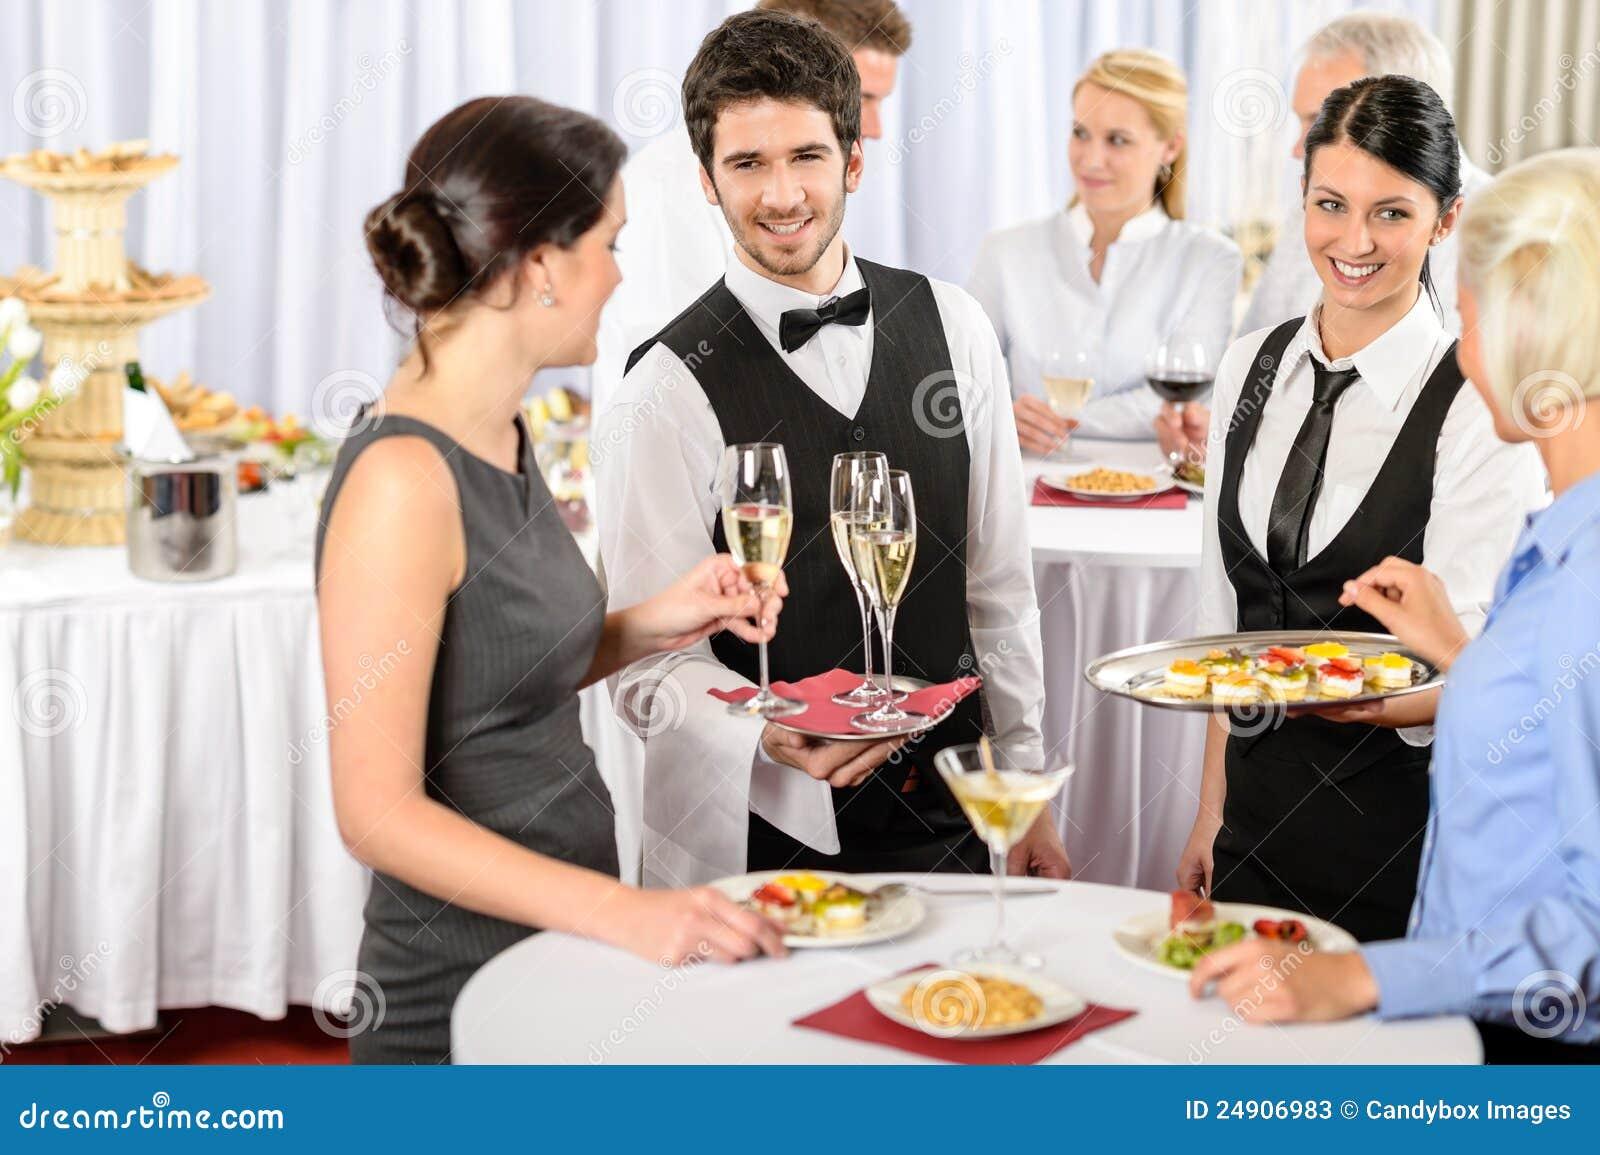 Cateringu firmy wydarzenia karmowa oferty usługa